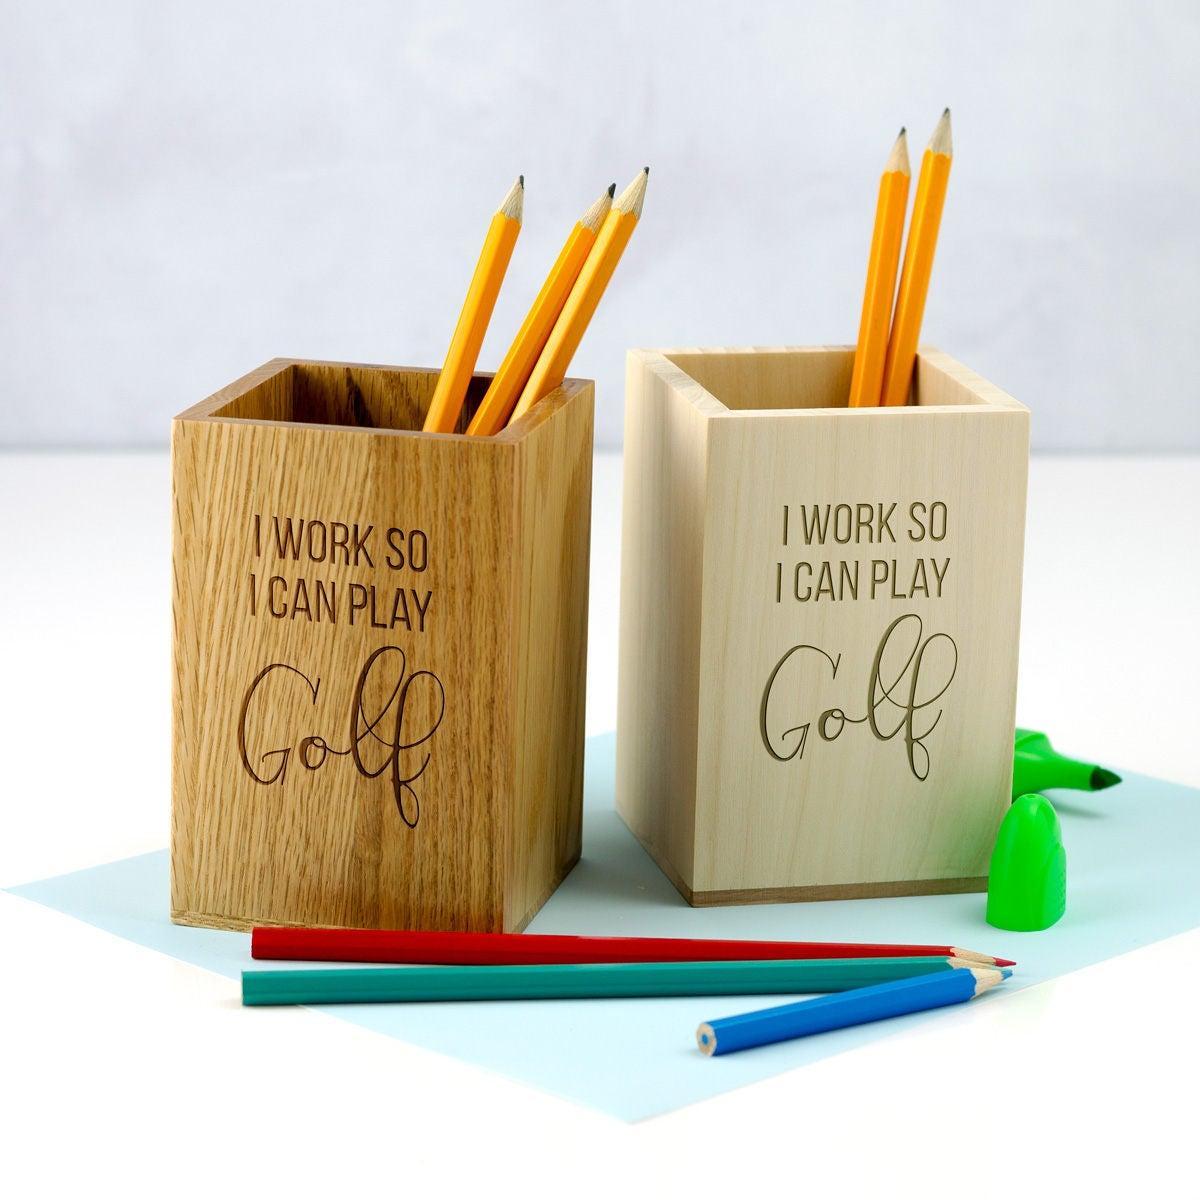 Stift-Halter lustige Golf Stift Topf Golf Geschenke   Etsy